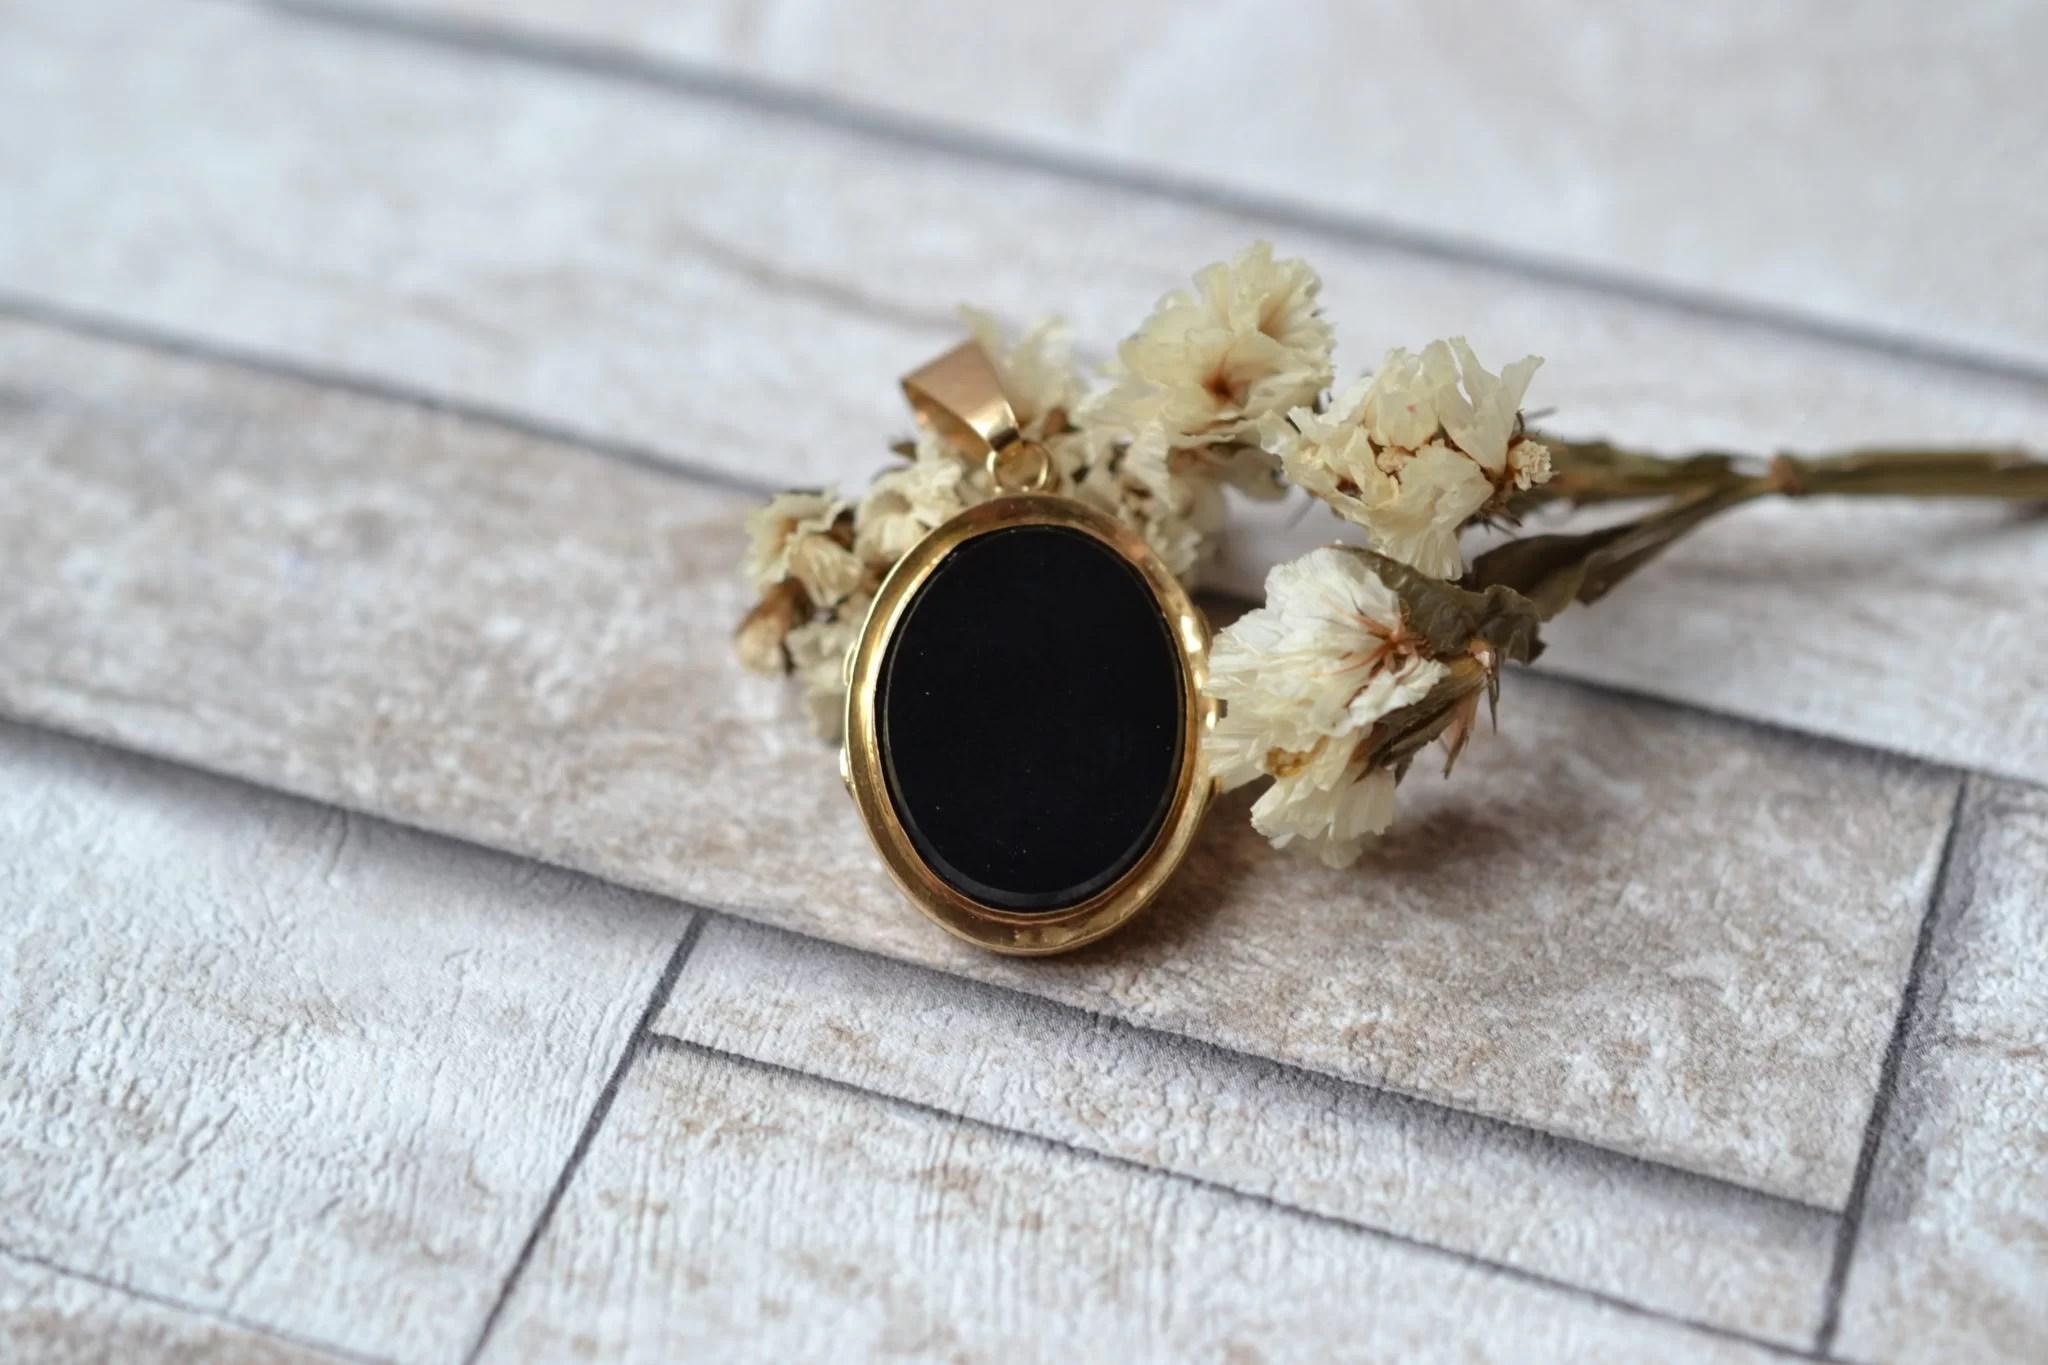 Pendentif porte-souvenir monture en Or jaune, serti de deux plaques d_Onyx et d_un écusson - bijou éthique